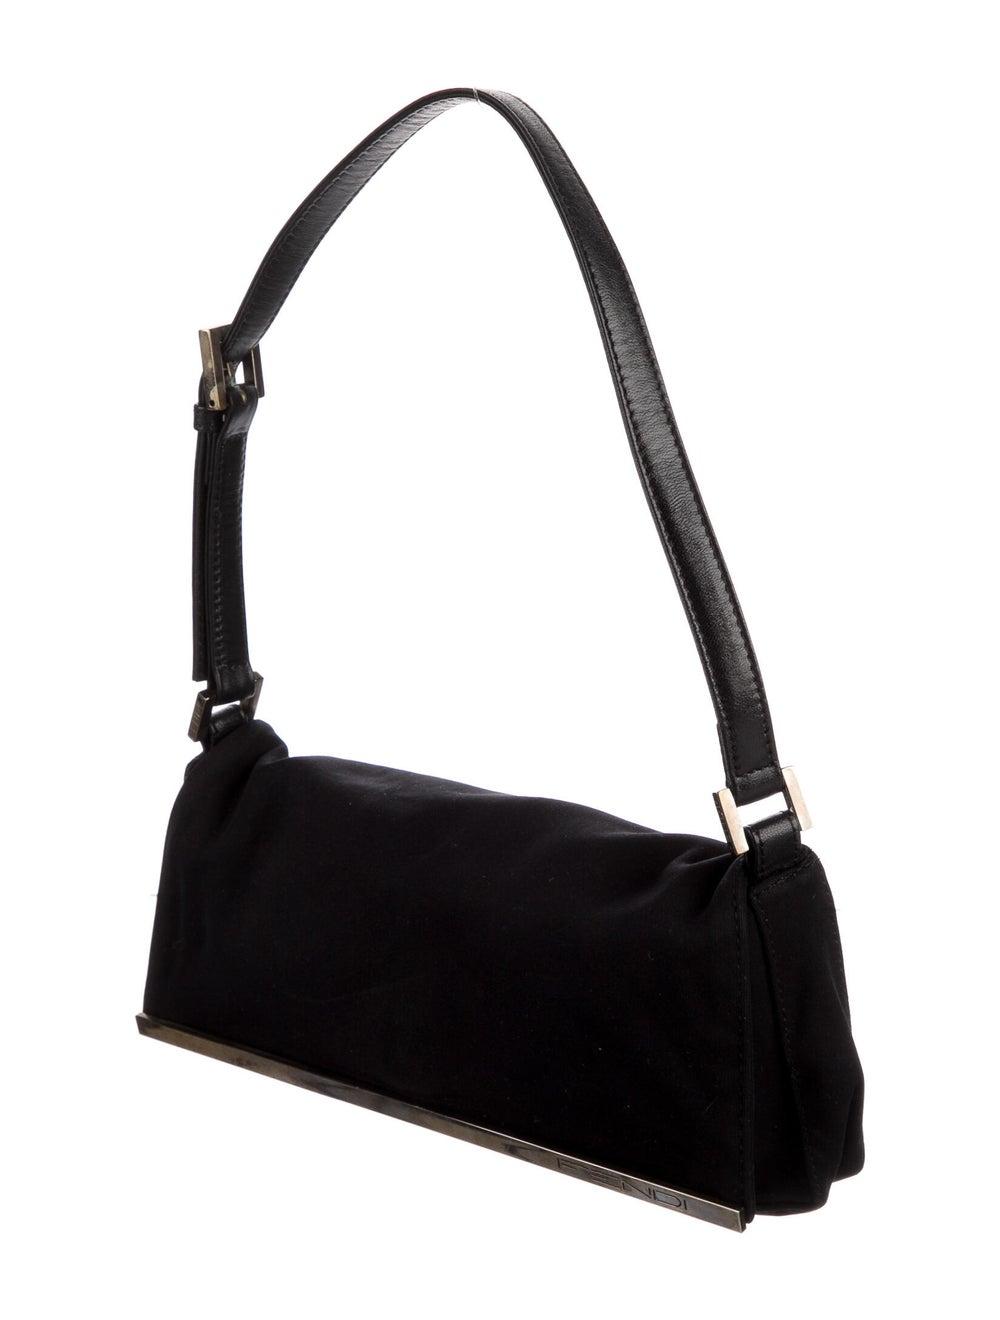 Fendi Leather-Trimmed Nylon Shoulder Bag Black - image 3